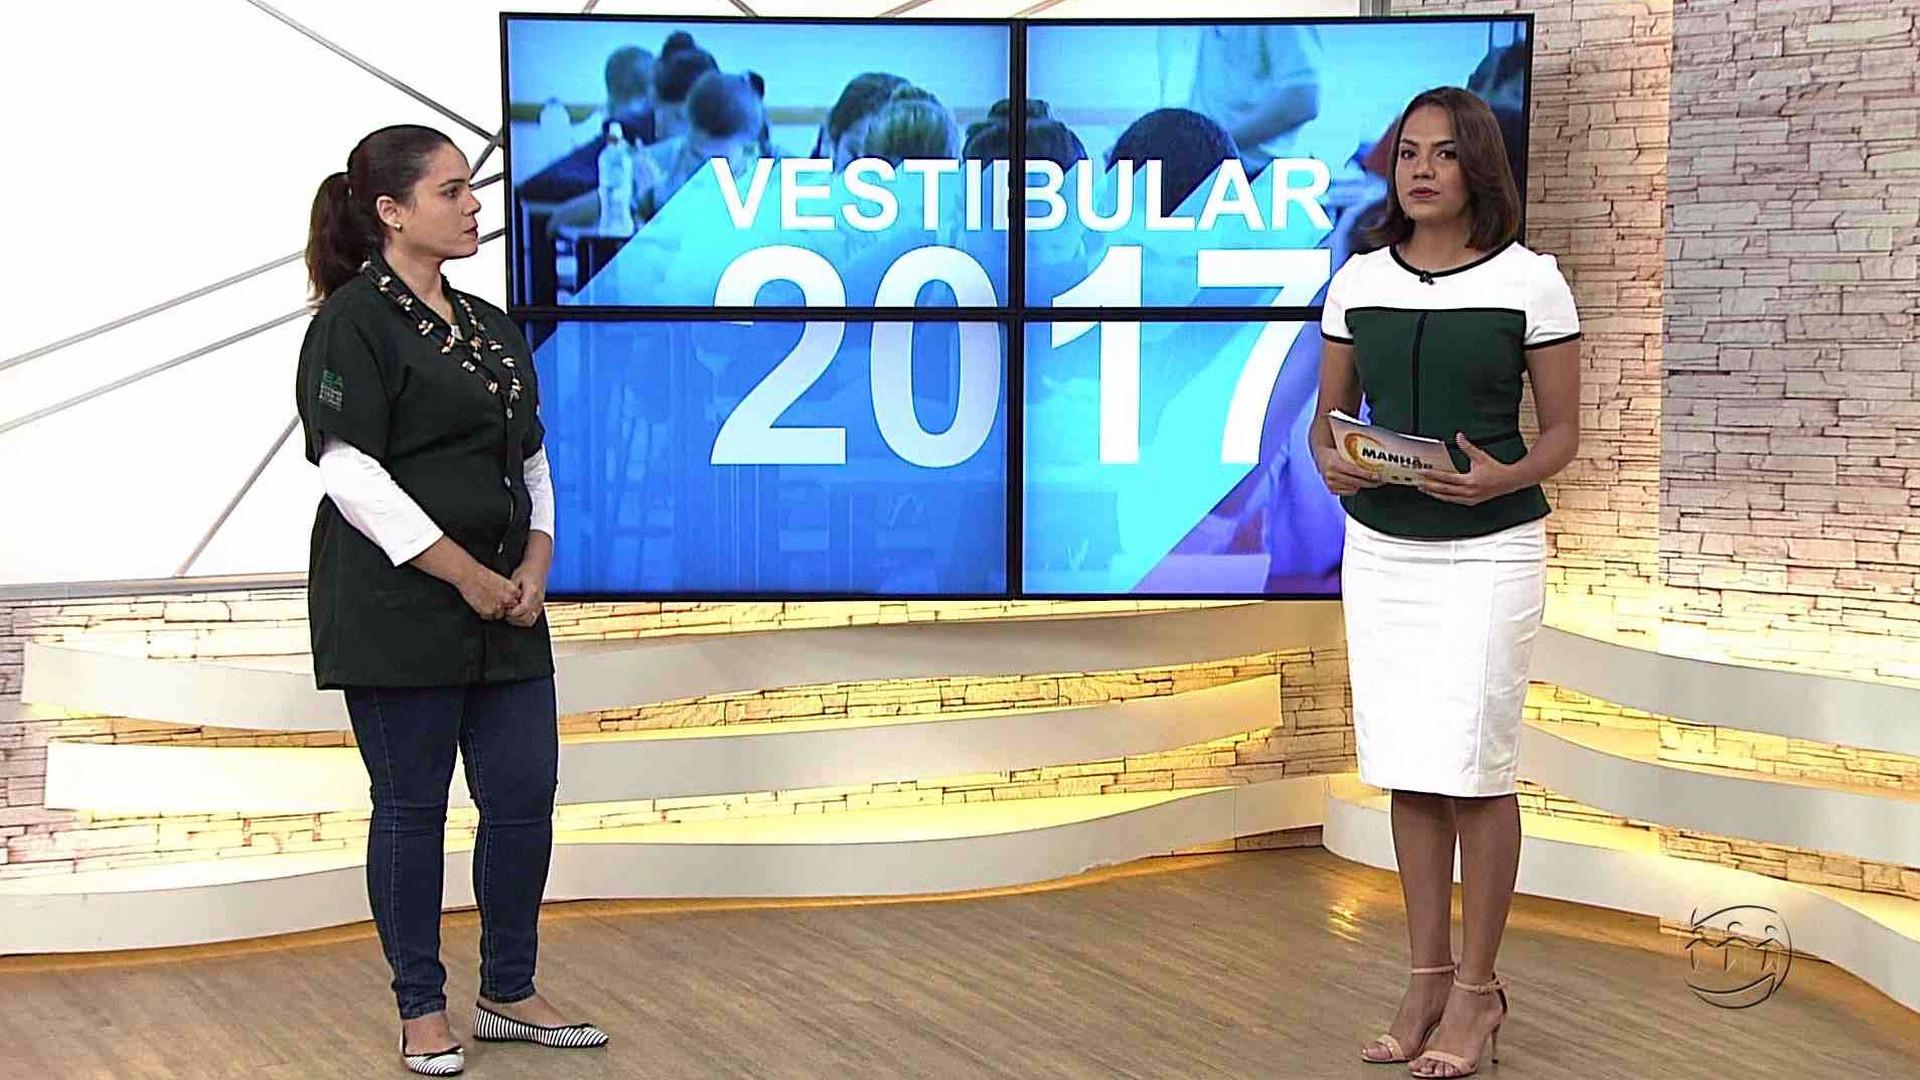 ESPECIALISTA DÁ DICAS PARA OS VESTIBULARES DA UFAM E UEA - Manhã no Ar 15/08/17